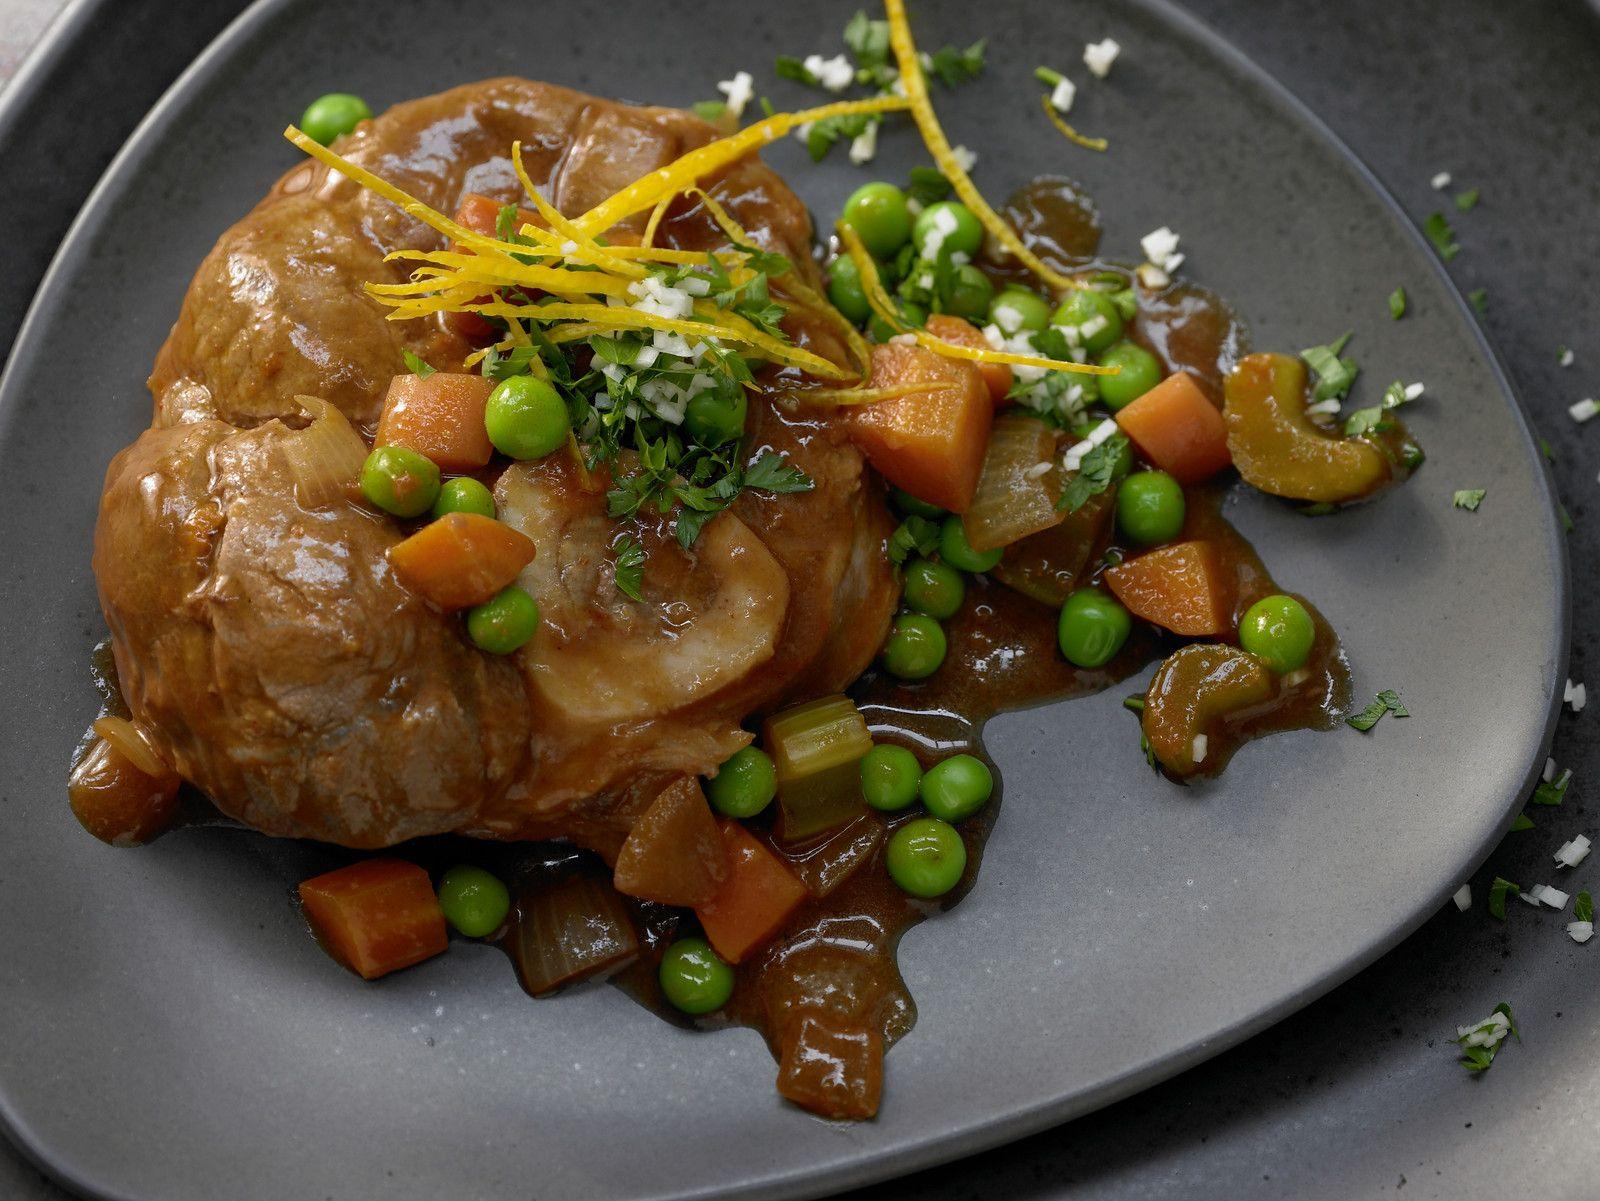 Leichte Sommerküche Low Carb : Low carb rezepte eat smarter